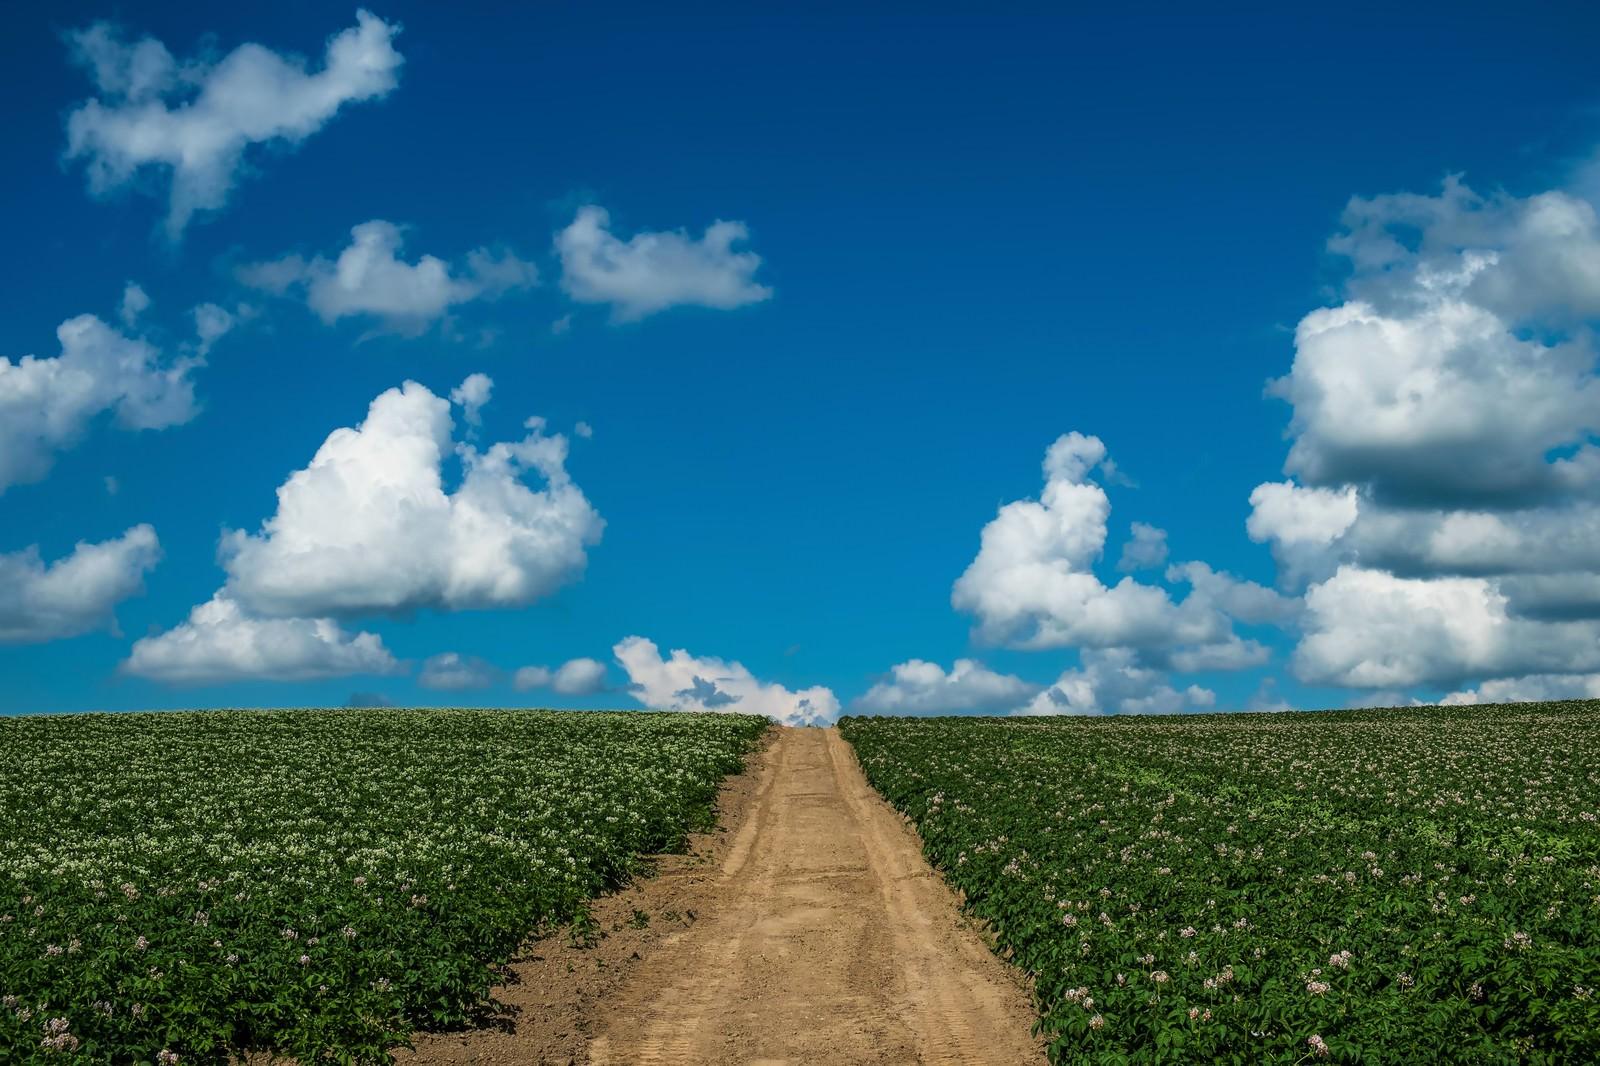 「じゃがいも畑と一本道じゃがいも畑と一本道」のフリー写真素材を拡大